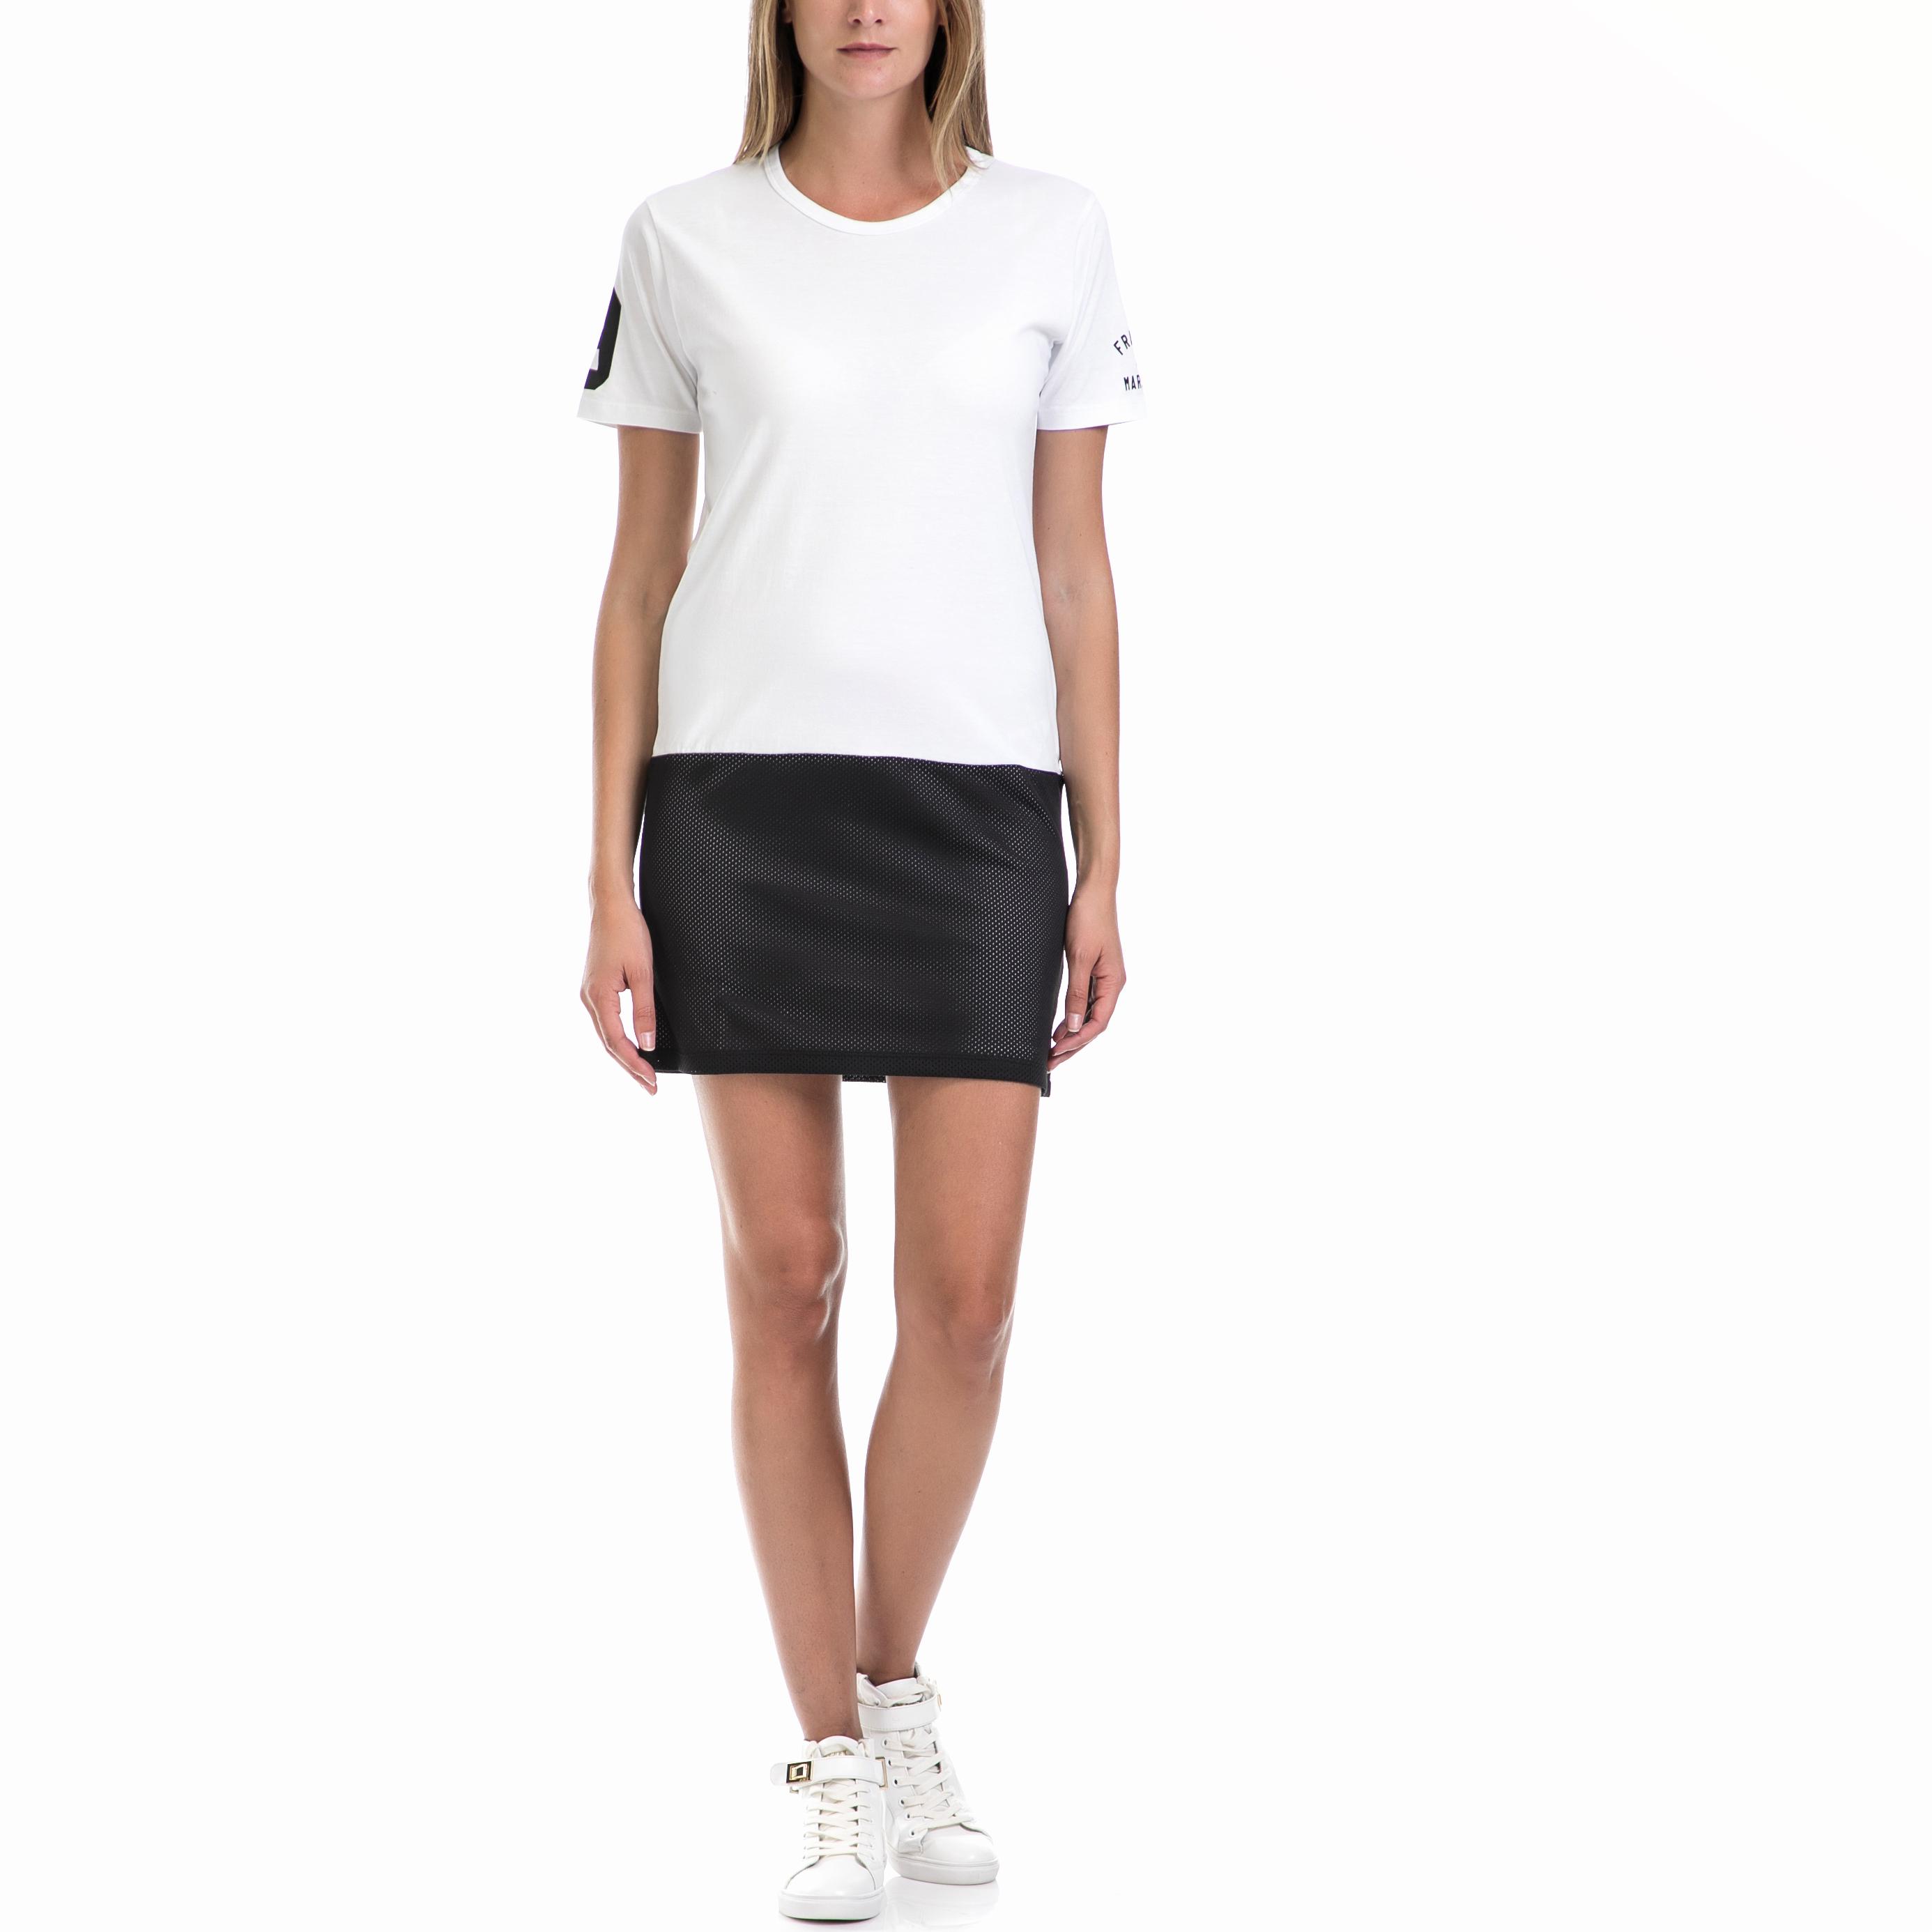 FRANKLIN & MARSHALL - Γυναικείο φόρεμα Franklin & Marshall λευκό-μαύρο γυναικεία ρούχα φορέματα μίνι